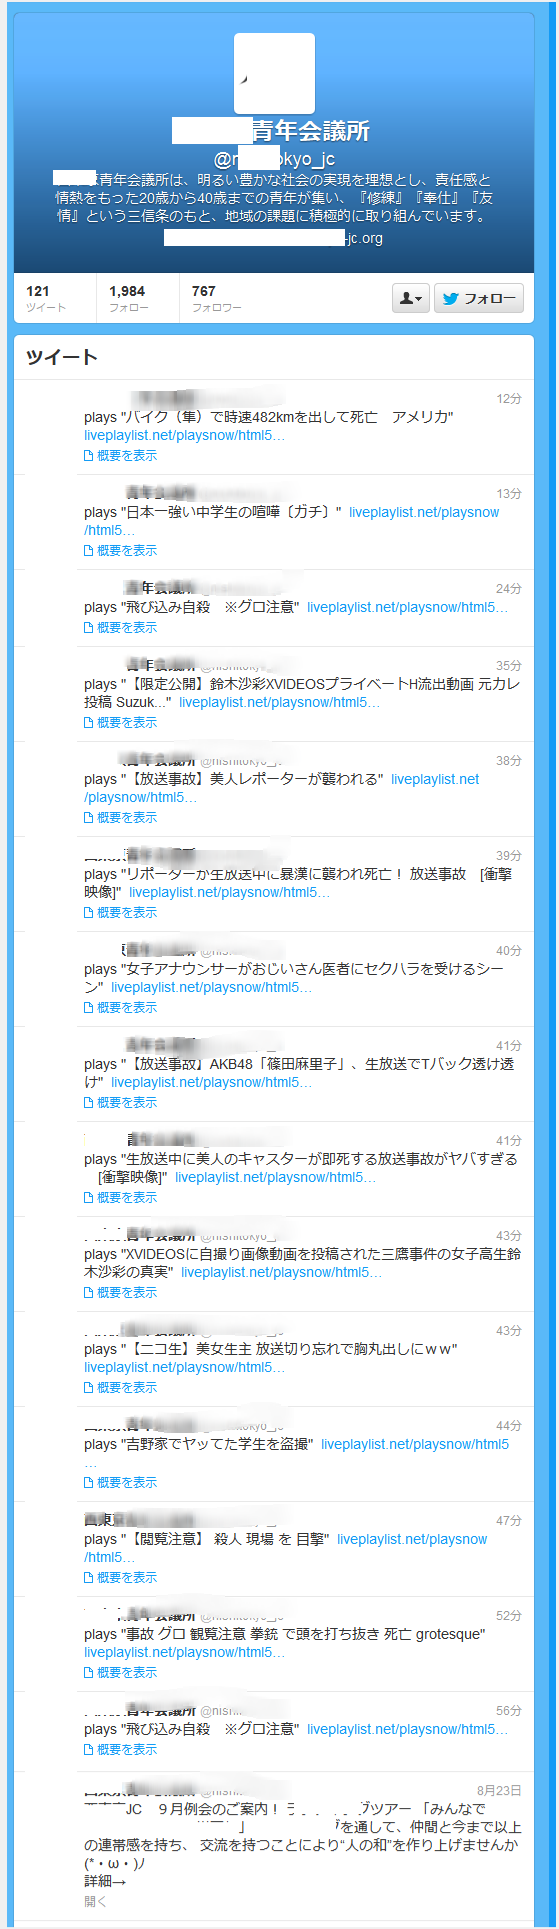 さんはTwitterを使っています